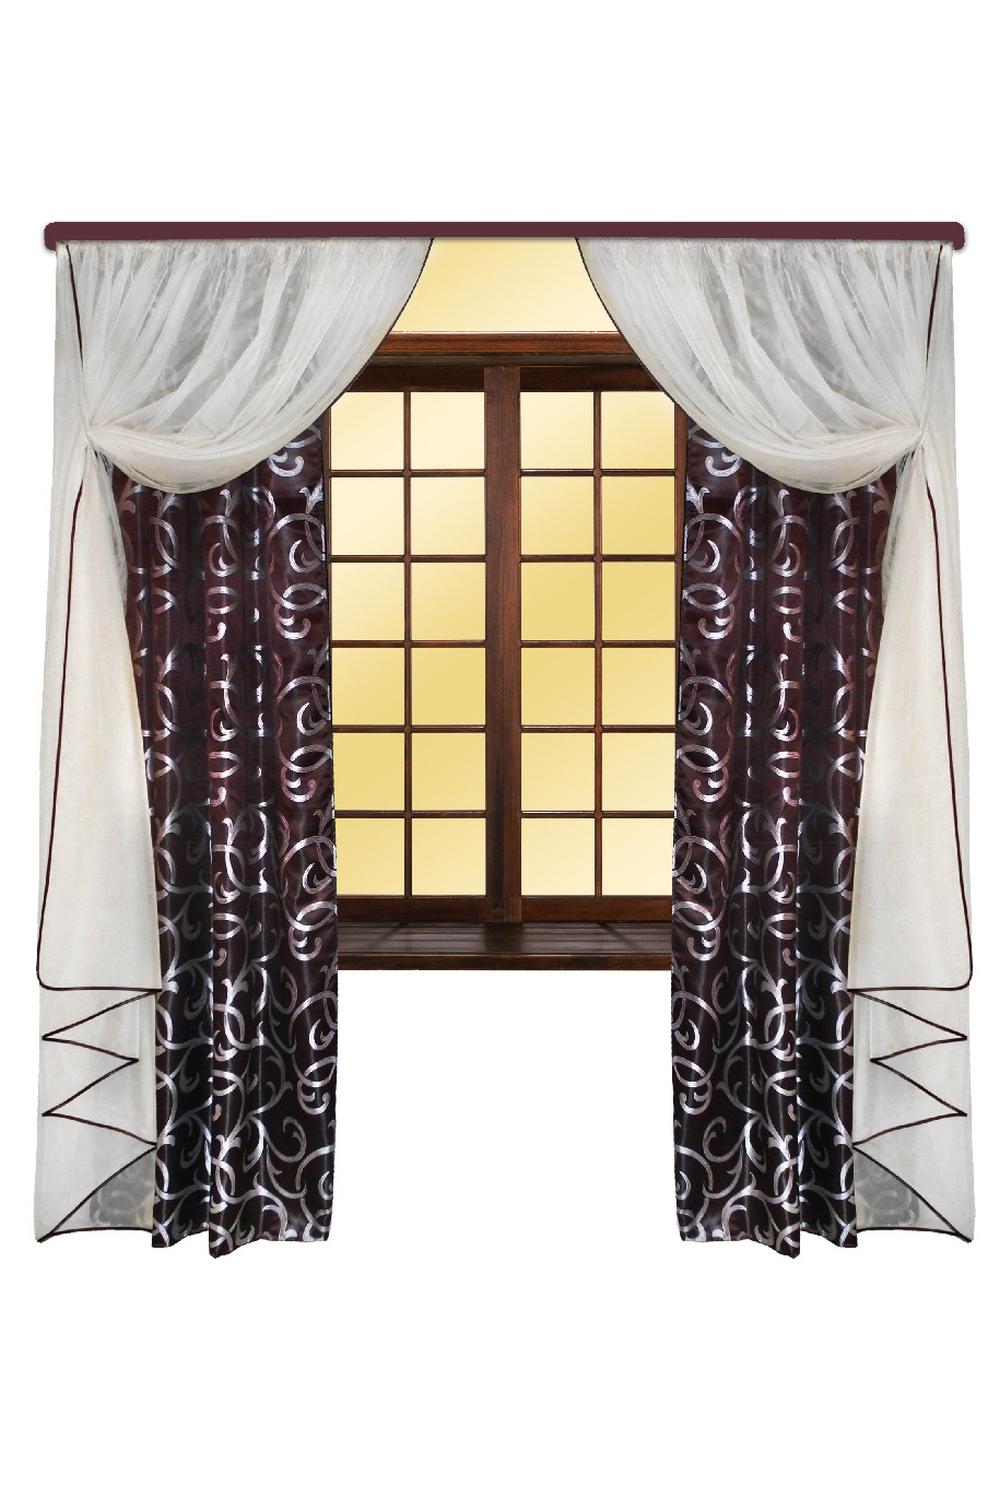 Шторы для комнатыДля комнаты<br>Шторы – это основной элемент интерьера, они всегда в центре внимания, несмотря на богатство мебели. При выборе штор самое первое и, пожалуй, главное – определится с подбором ткани, ее цветом и фактурой.   Шторы для гостинной изготавливаются из более плотных тканей, таких как жакард, тафта, велюр. Они могут дополнятся ламбрекеном со всевозможными декоративными элементами: стразами, бахромой, лентами.  Размер штор: см (150*250)*2 Тюль: см (250*250)*2  В изделии использованы цвета: коричневый, белый<br><br>Карниз: Двухрядный<br>Отделка края: С лентами<br>По материалу: Портьерные ткани<br>По рисунку: С принтом,Цветные<br>По стилю: Классические шторы,Раздвижные шторы<br>Размеры: До пола<br>Размер : 300*250<br>Материал: Портьерные ткани<br>Количество в наличии: 1